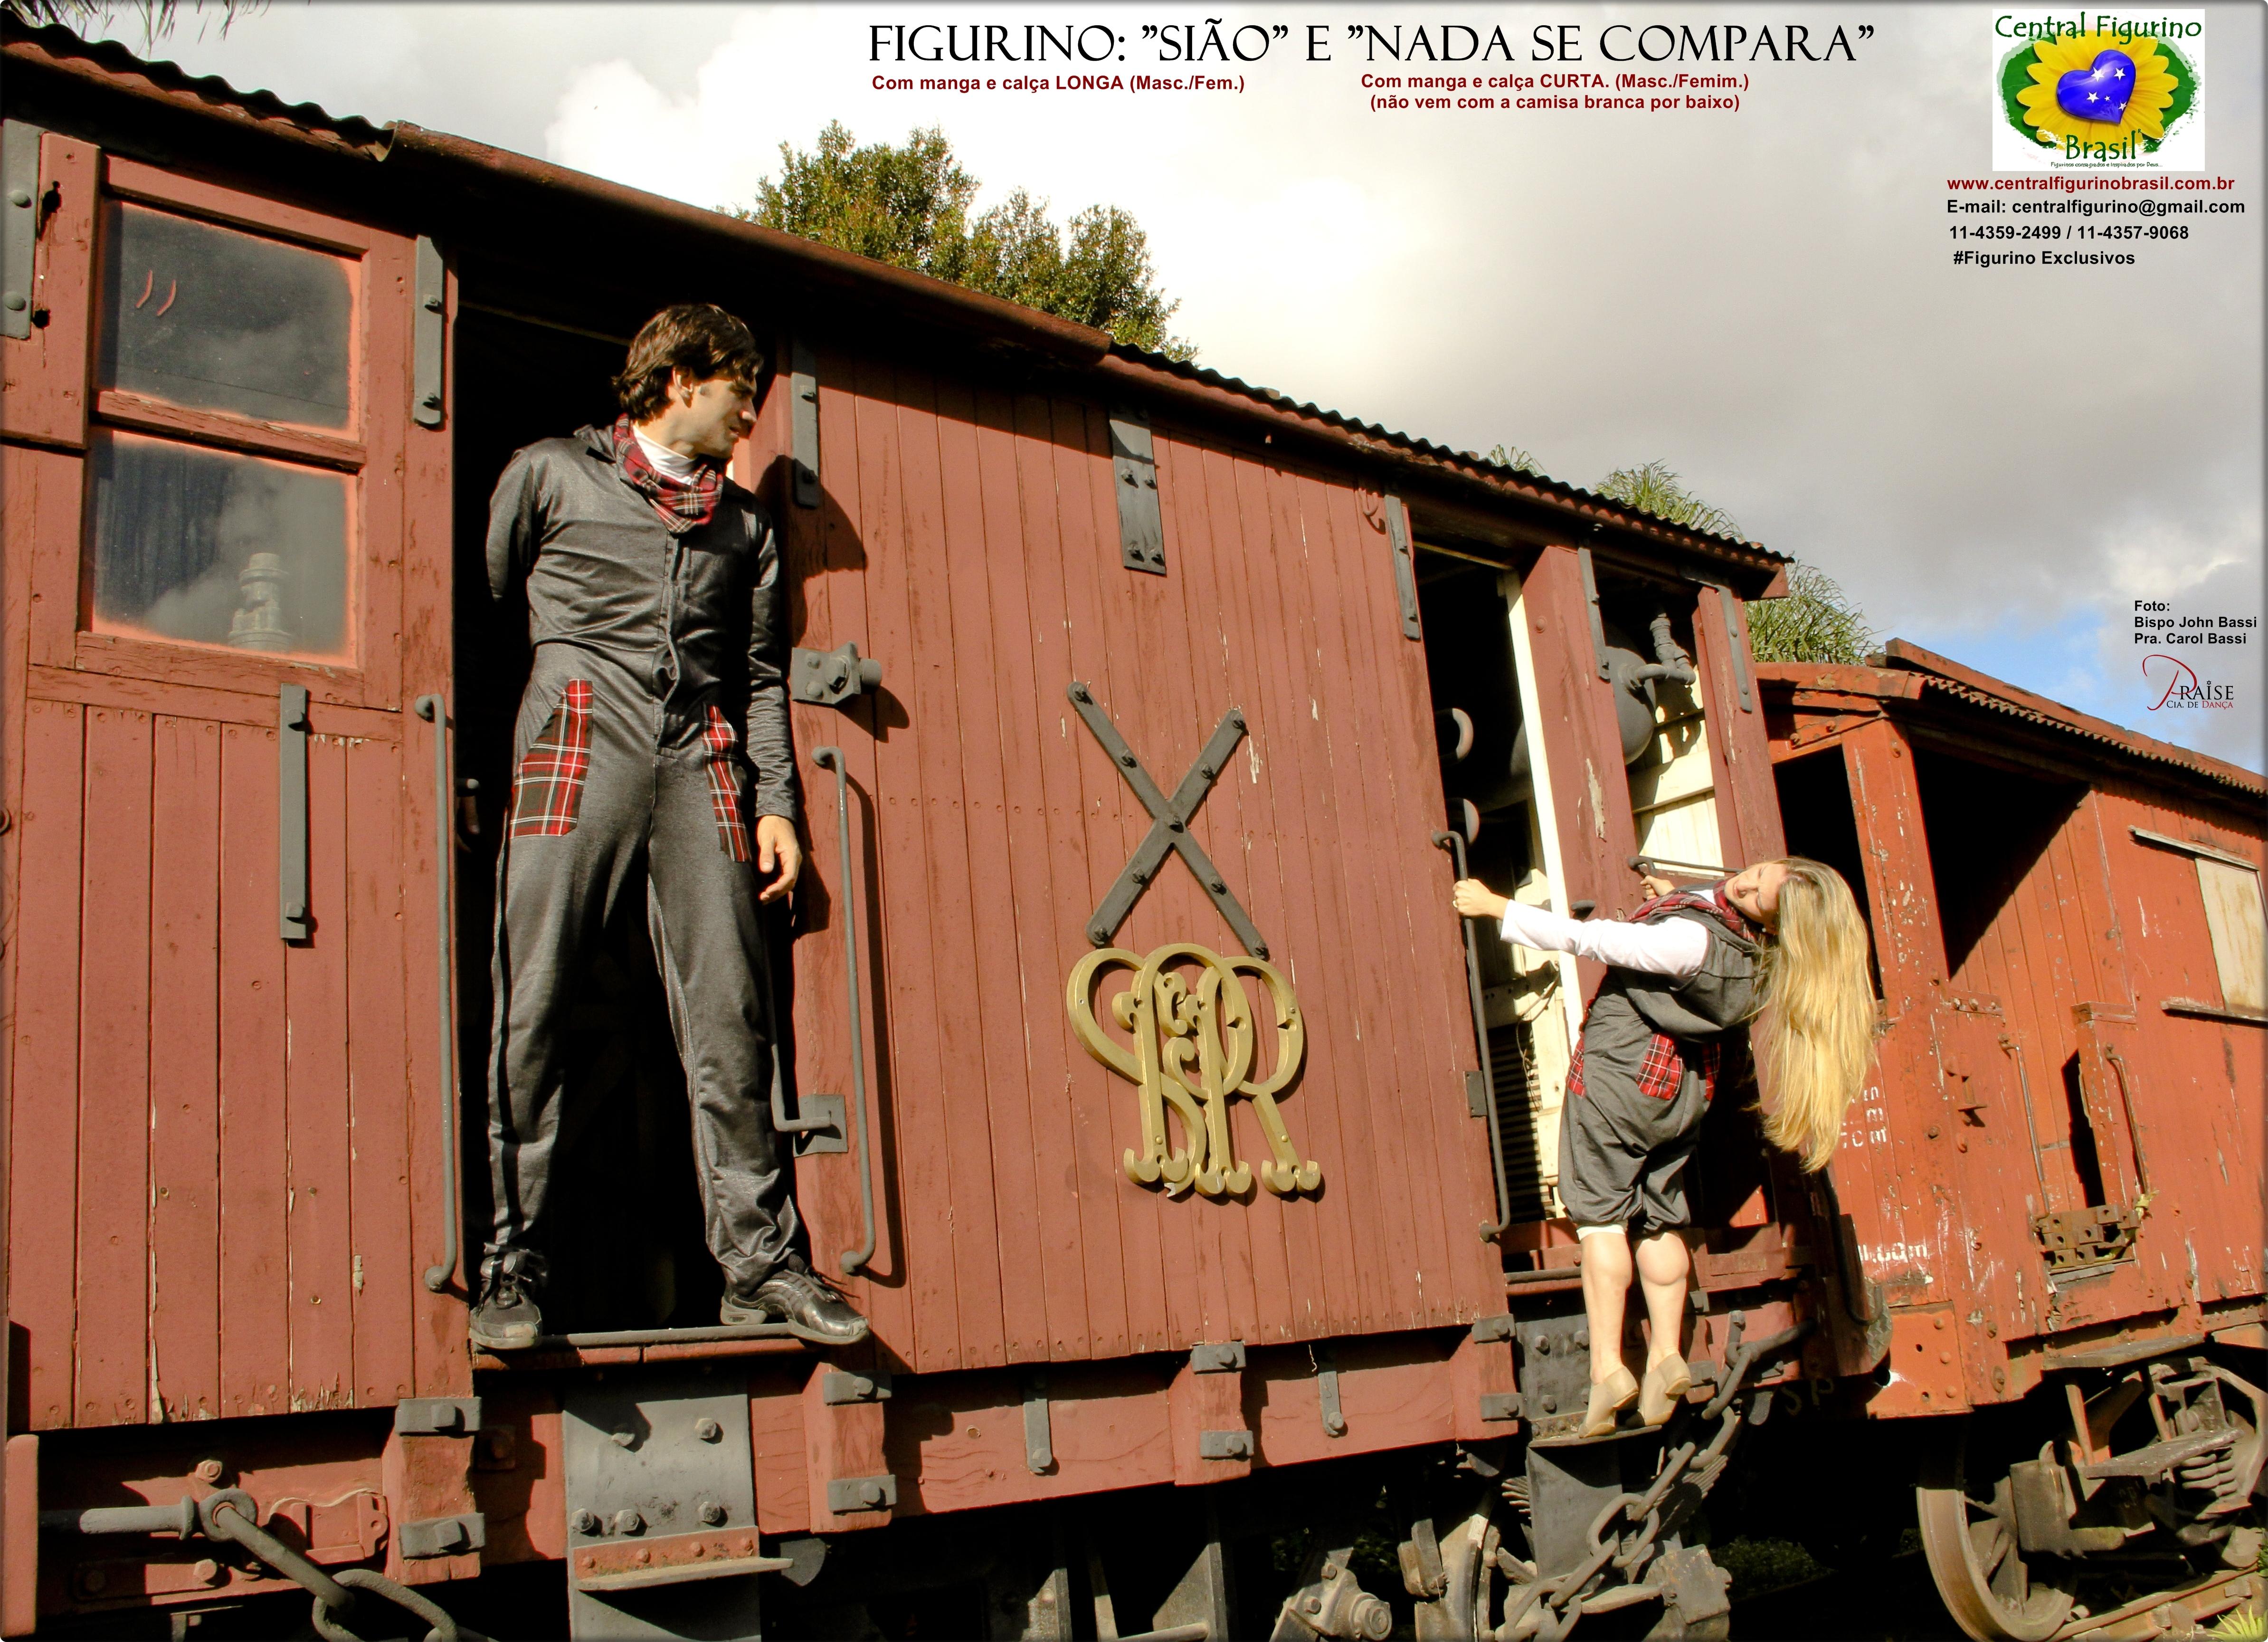 Figurino SIÃO e NADA SE COMPARA  -Central Figurno Brasil